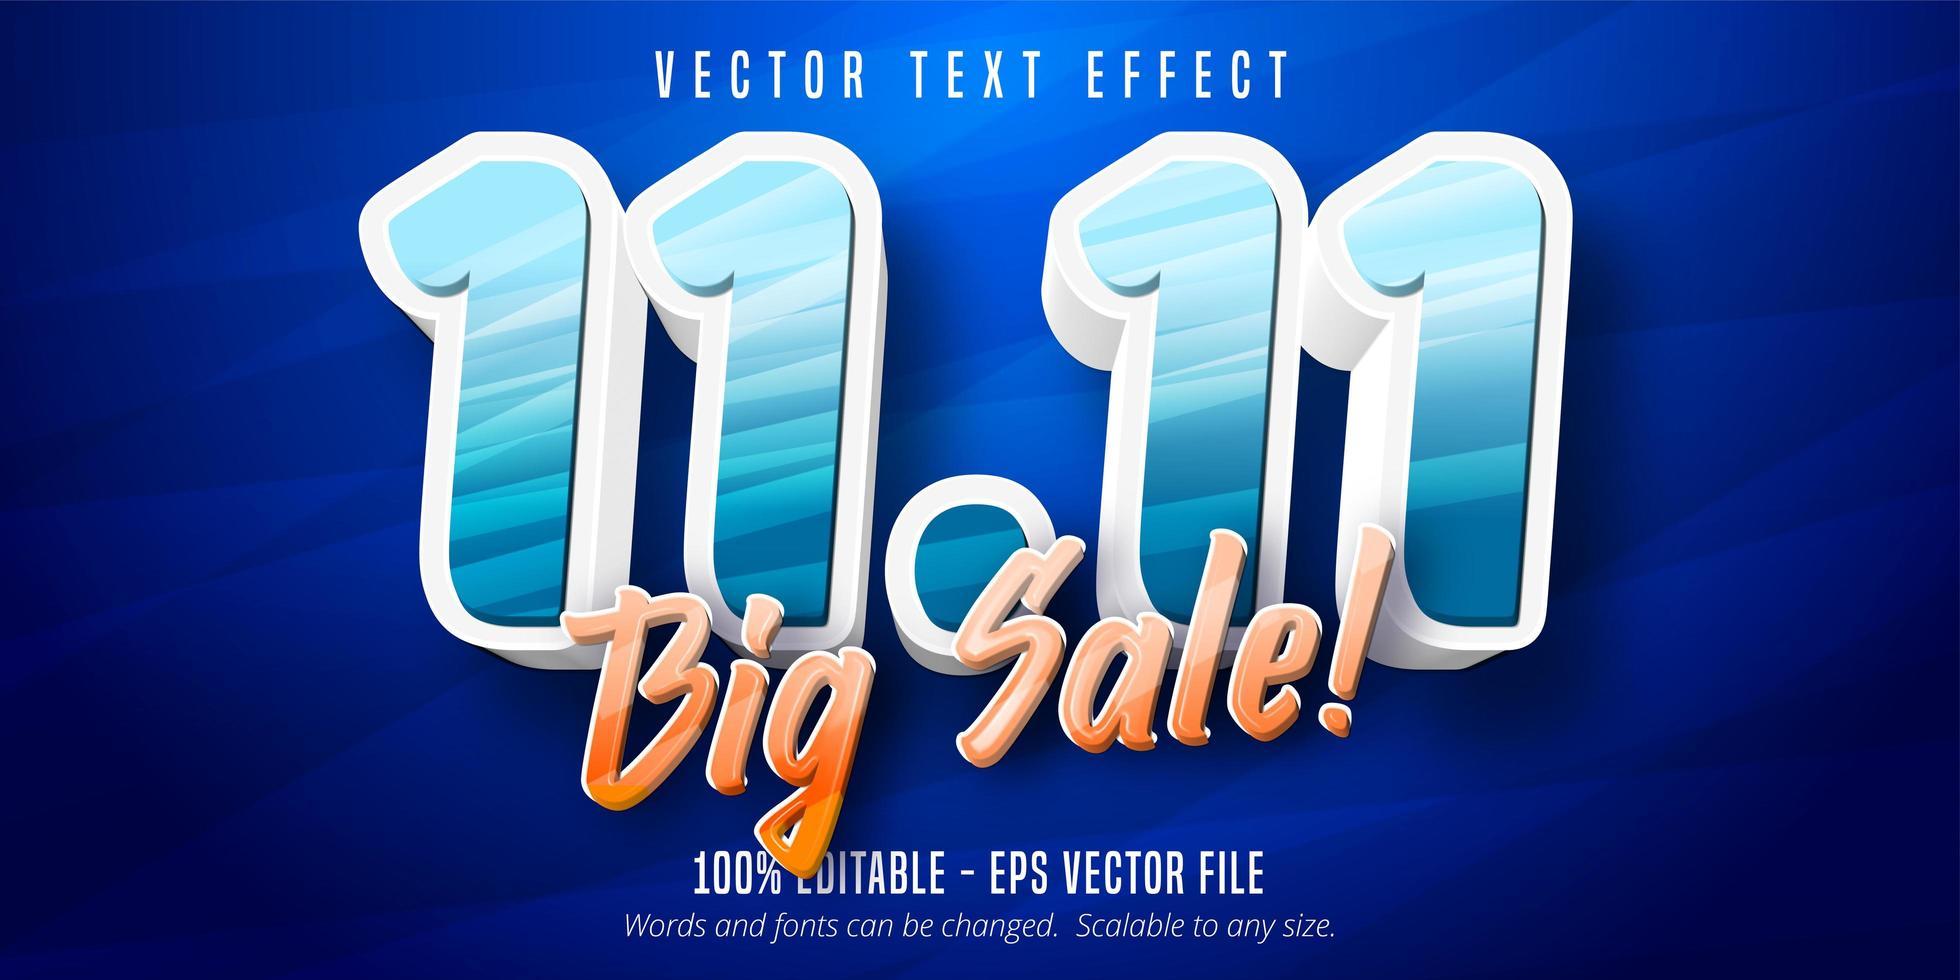 11.11 effetto testo modificabile testo grande vendita vettore